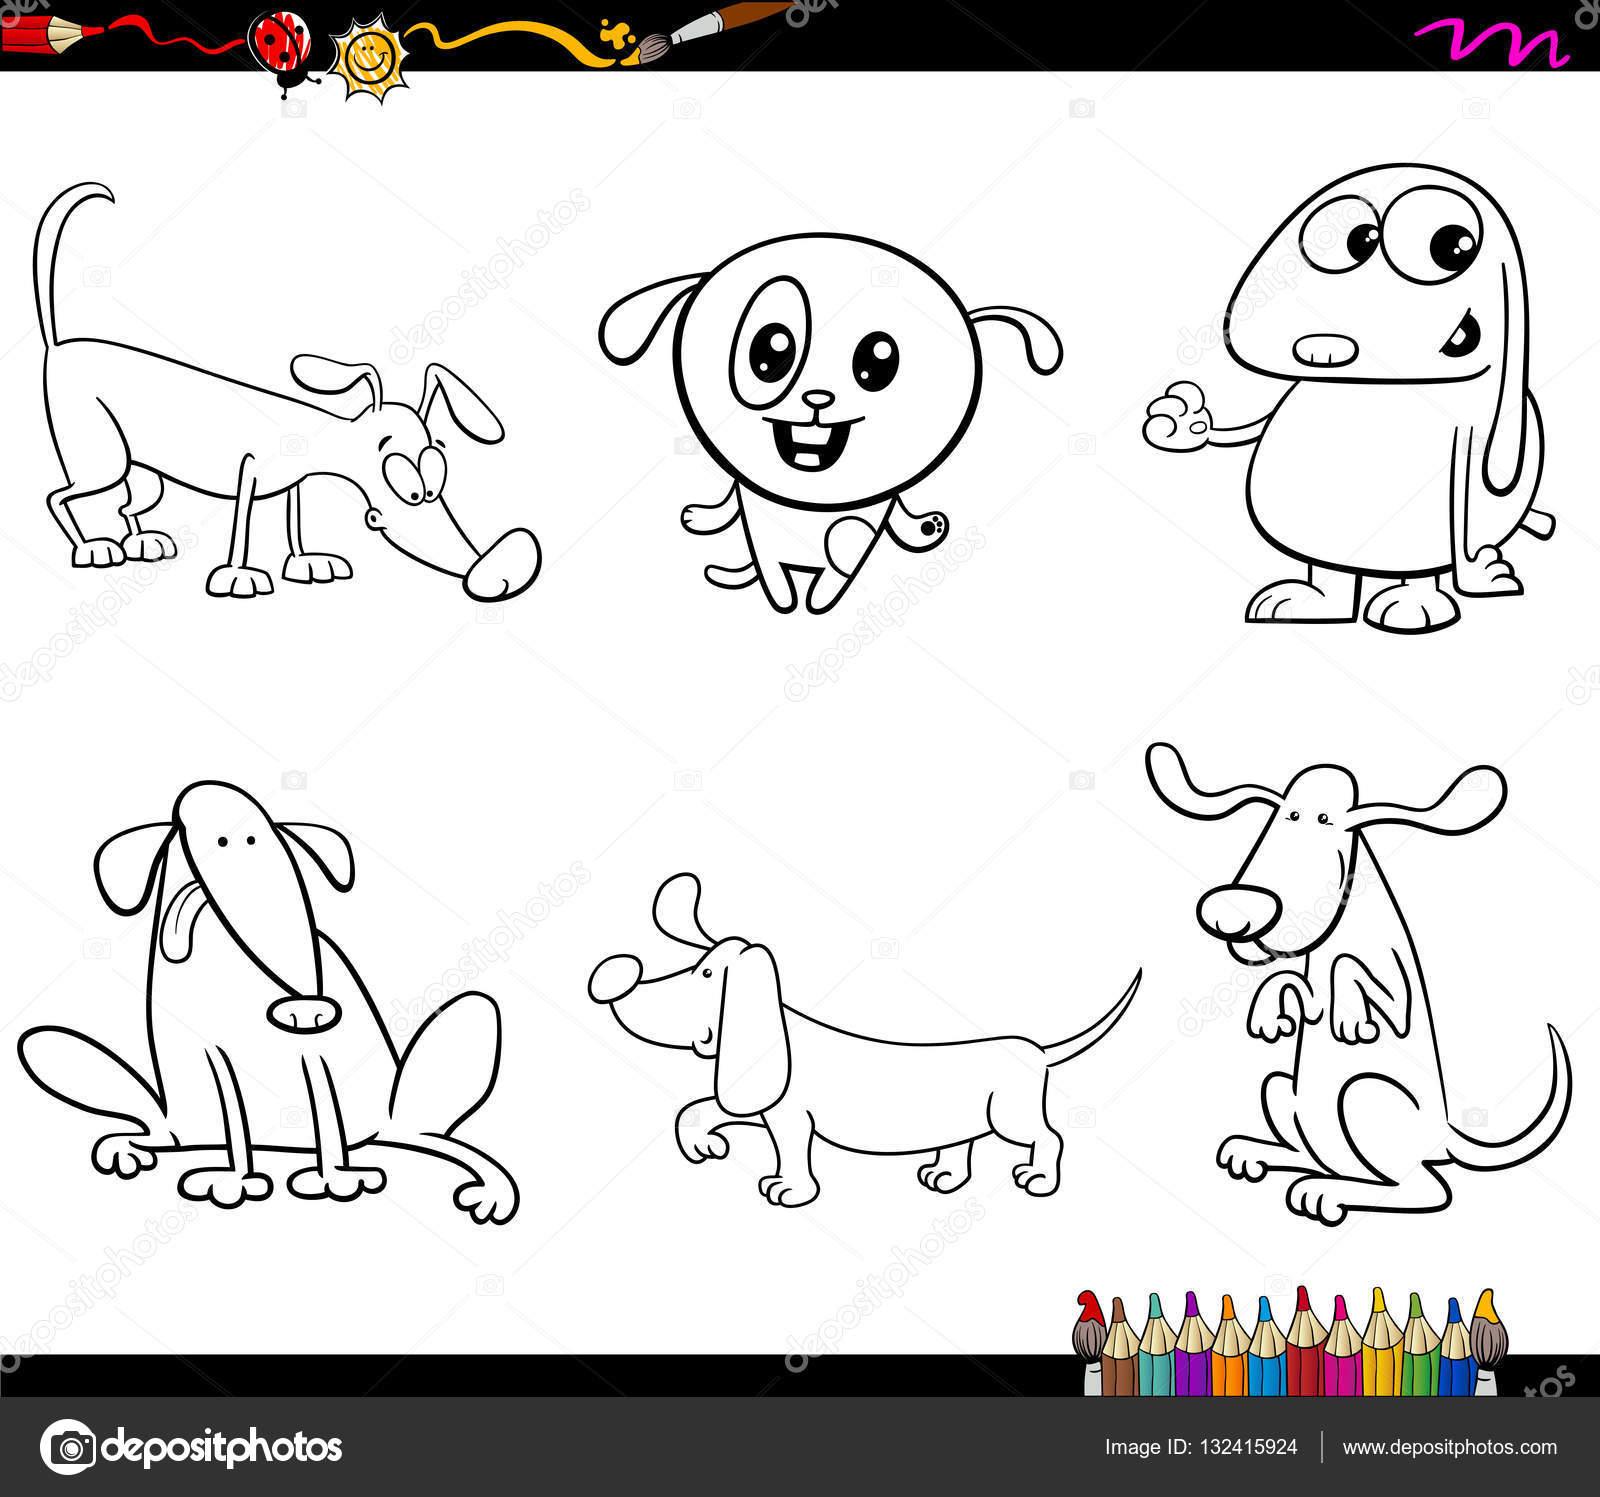 Malvorlagen Hund-Zeichen — Stockvektor © izakowski #132415924